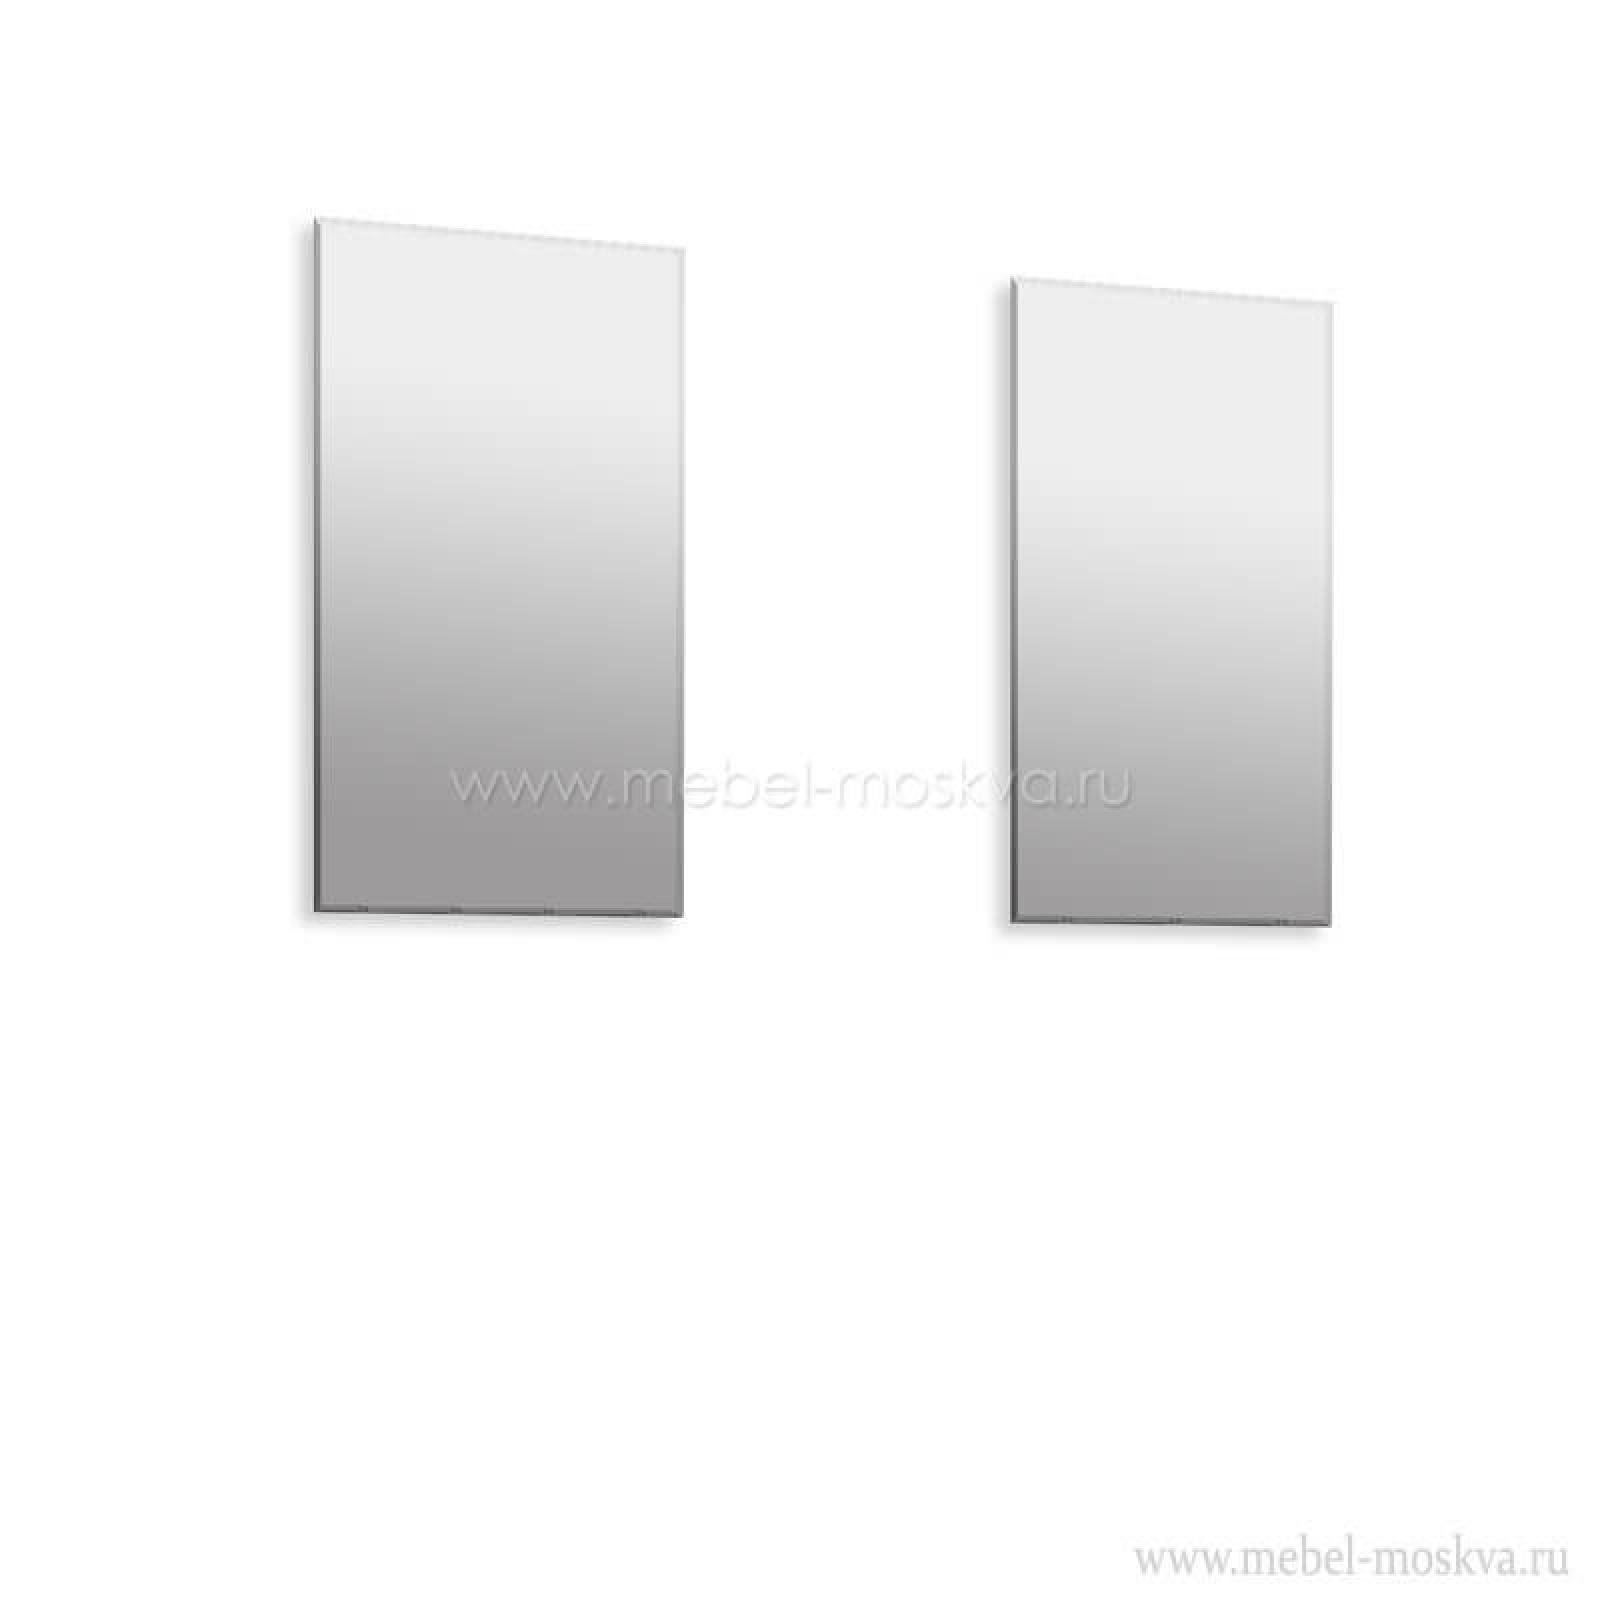 """""""Рапсодия Ю"""" 354.3301 Комплект зеркал для секции центральной 354.33 2 шт. - 1"""